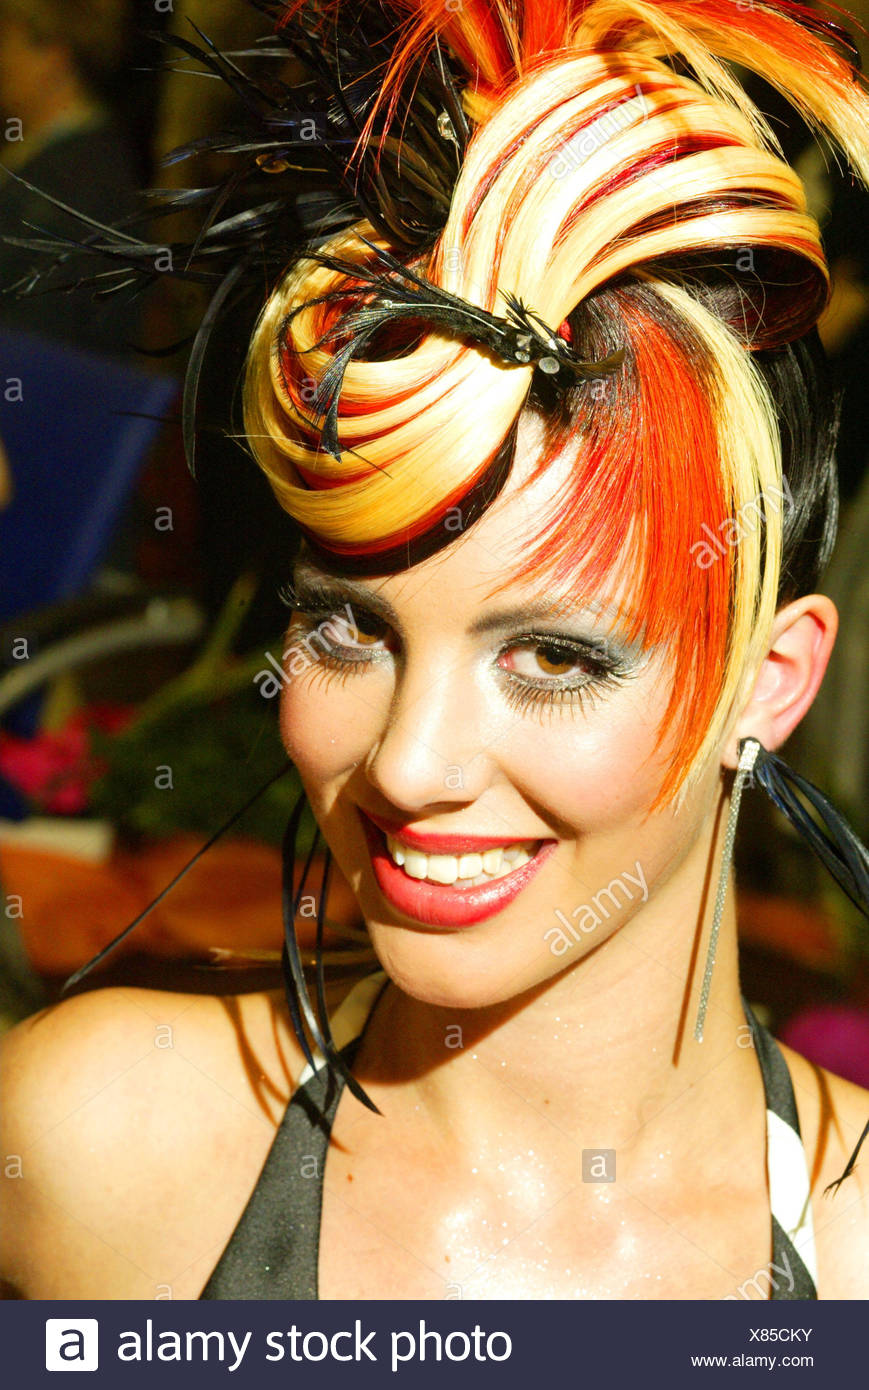 https www alamyimages fr femme jeune haute coiffure frivole portrait portrait de femmes de 20 a 30 ans le modele le modele de cheveux coiffure stylisme elegamment couleur cheveux multicolore a la mode chauds exceptionnellement extremement sauvagement extravagante coiffure mode de vie l edition haircu image280402863 html